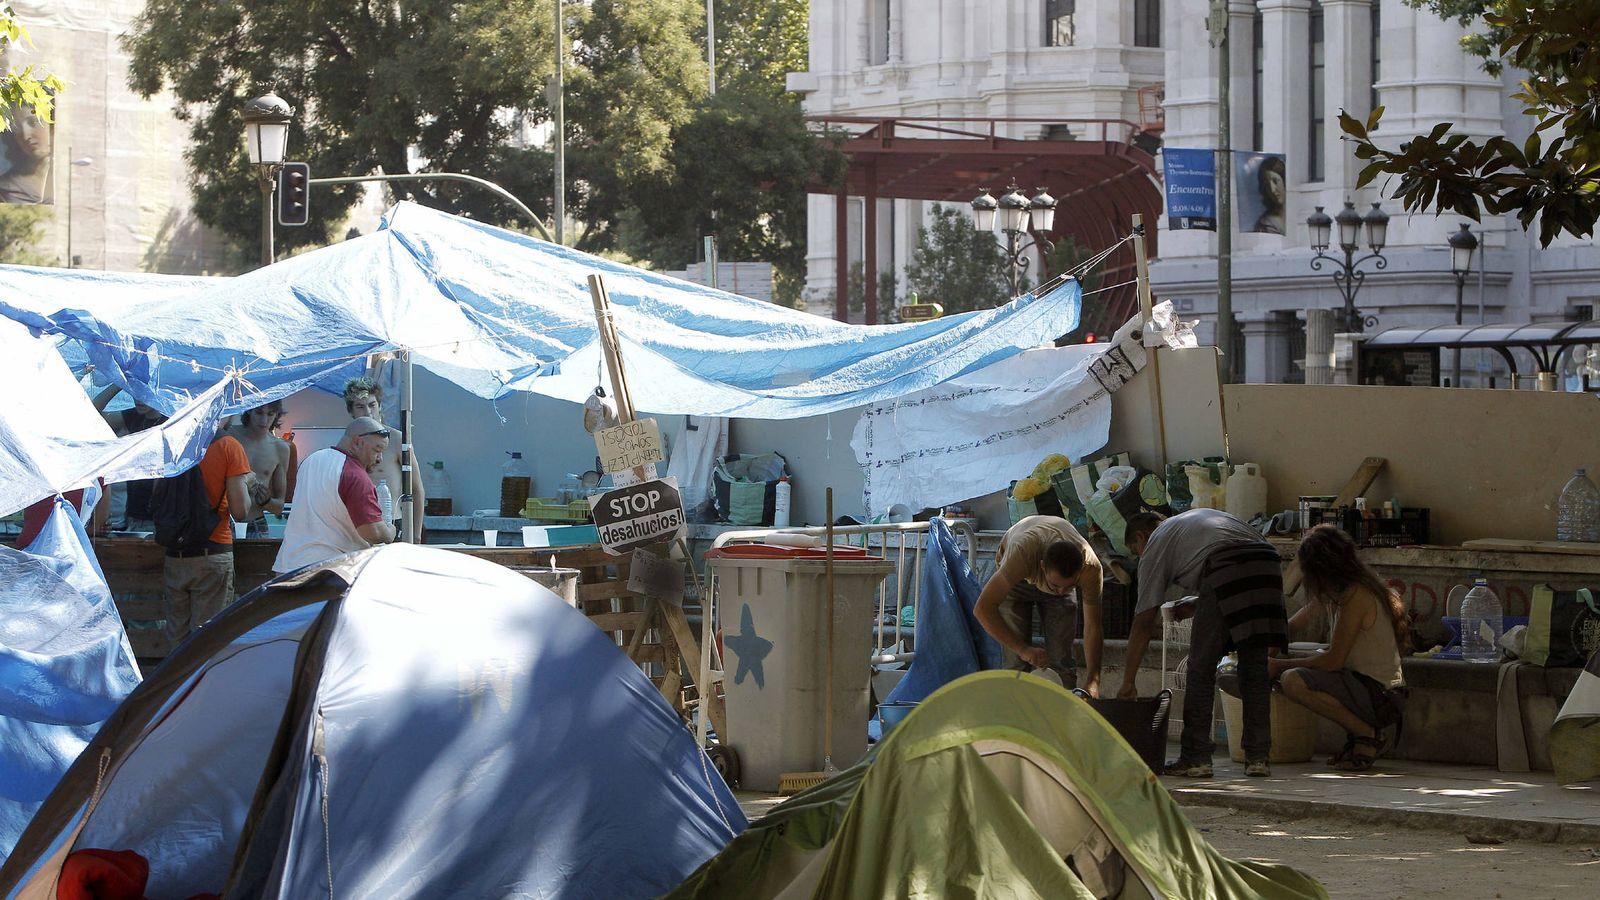 Foto: Un grupo de personas ha acampado por más de tres meses frente a El Prado para exigir una vivienda digna para los sin techo. (EFE)